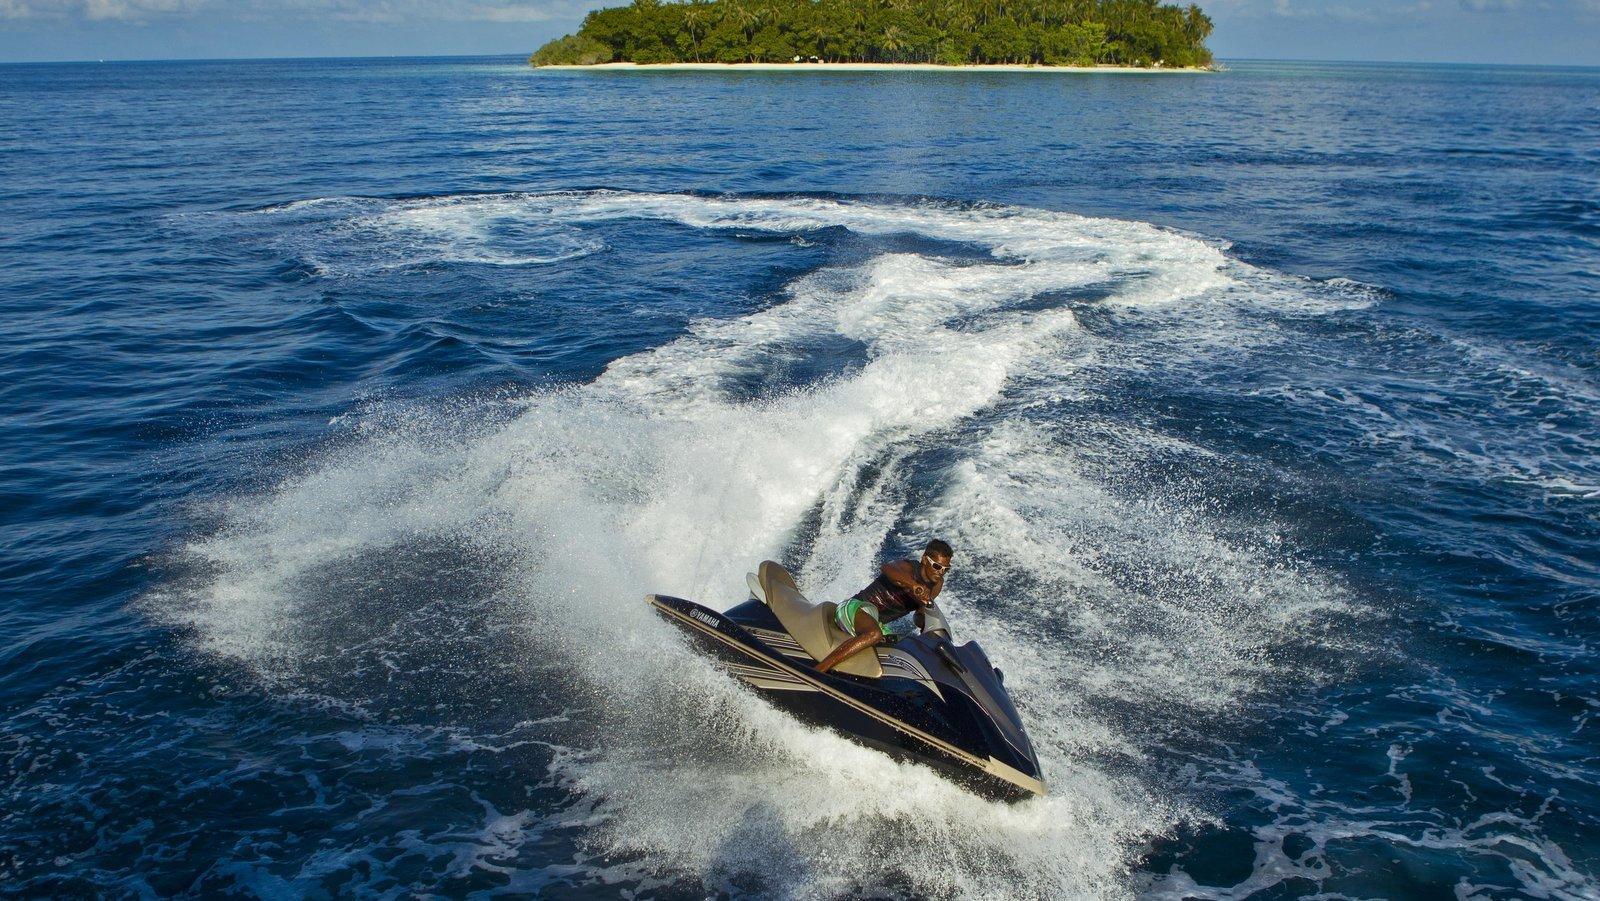 Мальдивы, отель Kurumba Maldives, гидроцикл